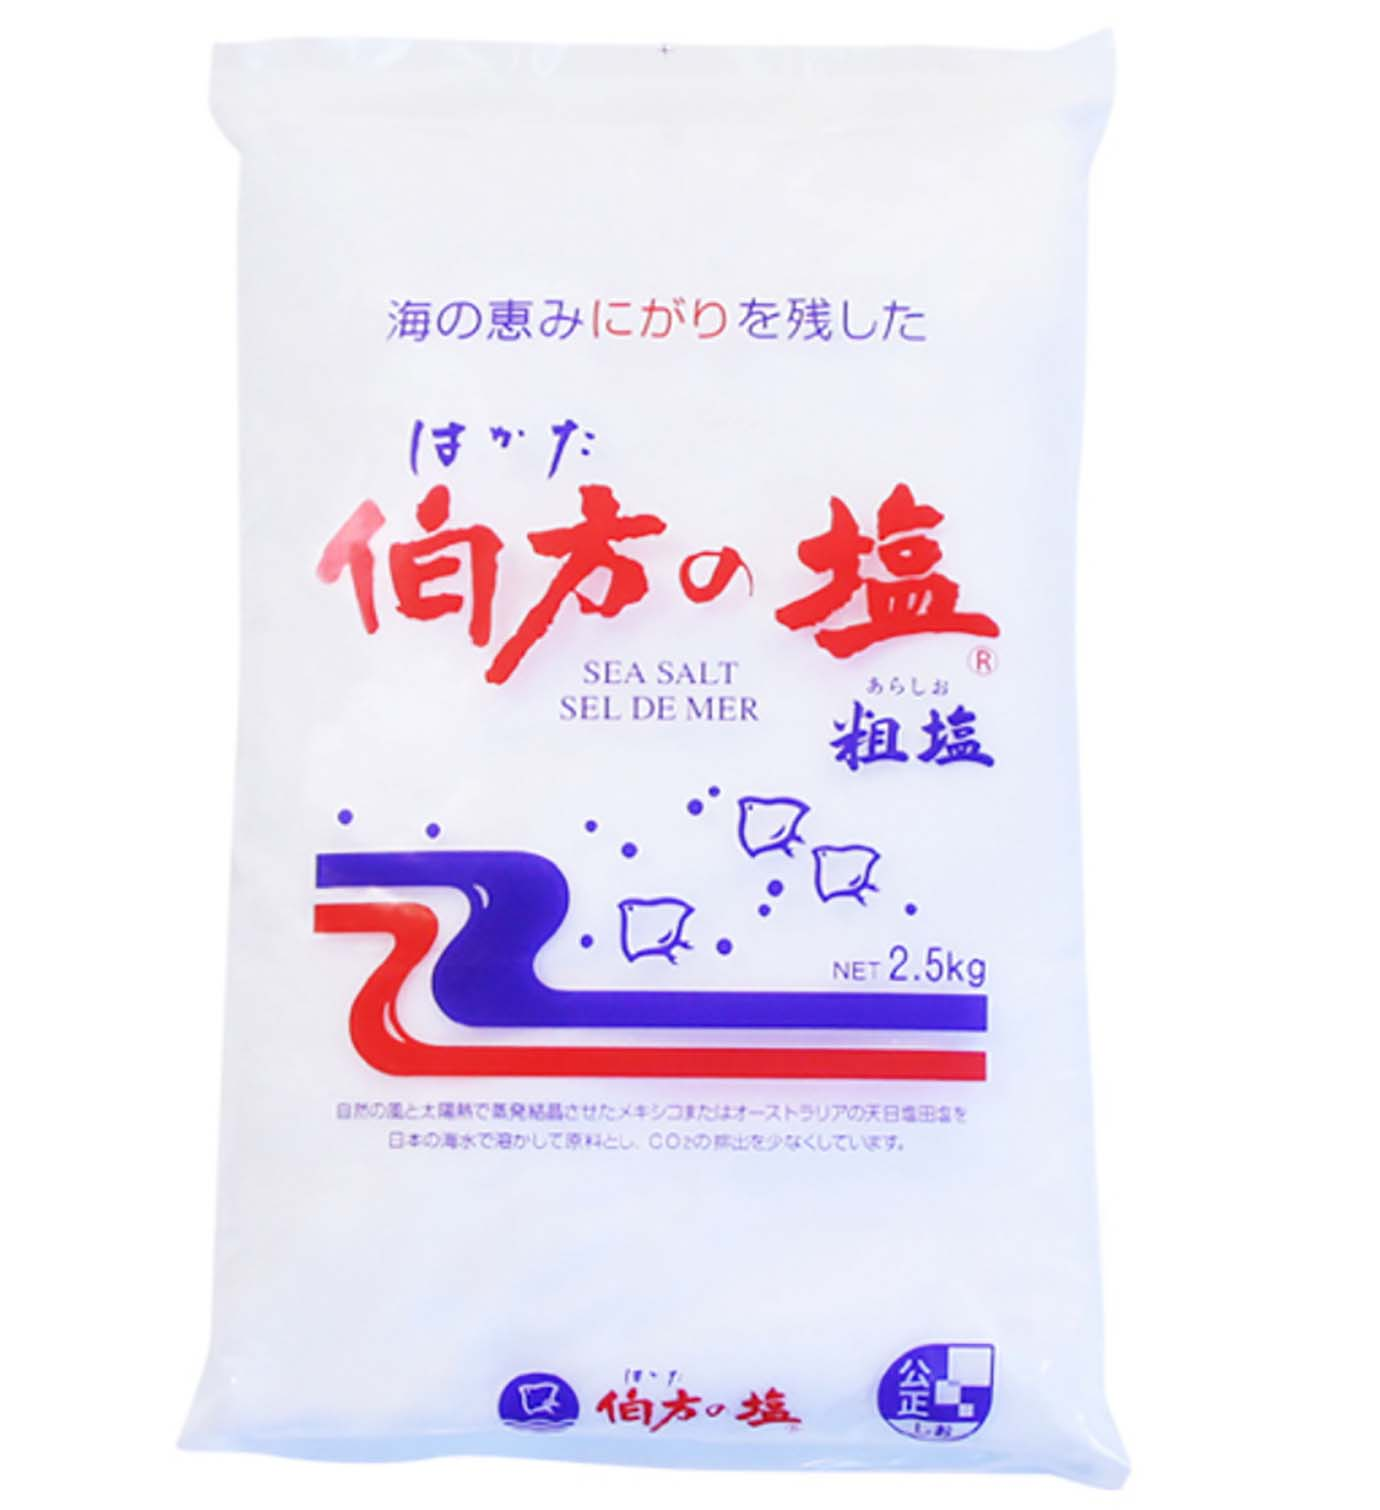 hakata-no-shio